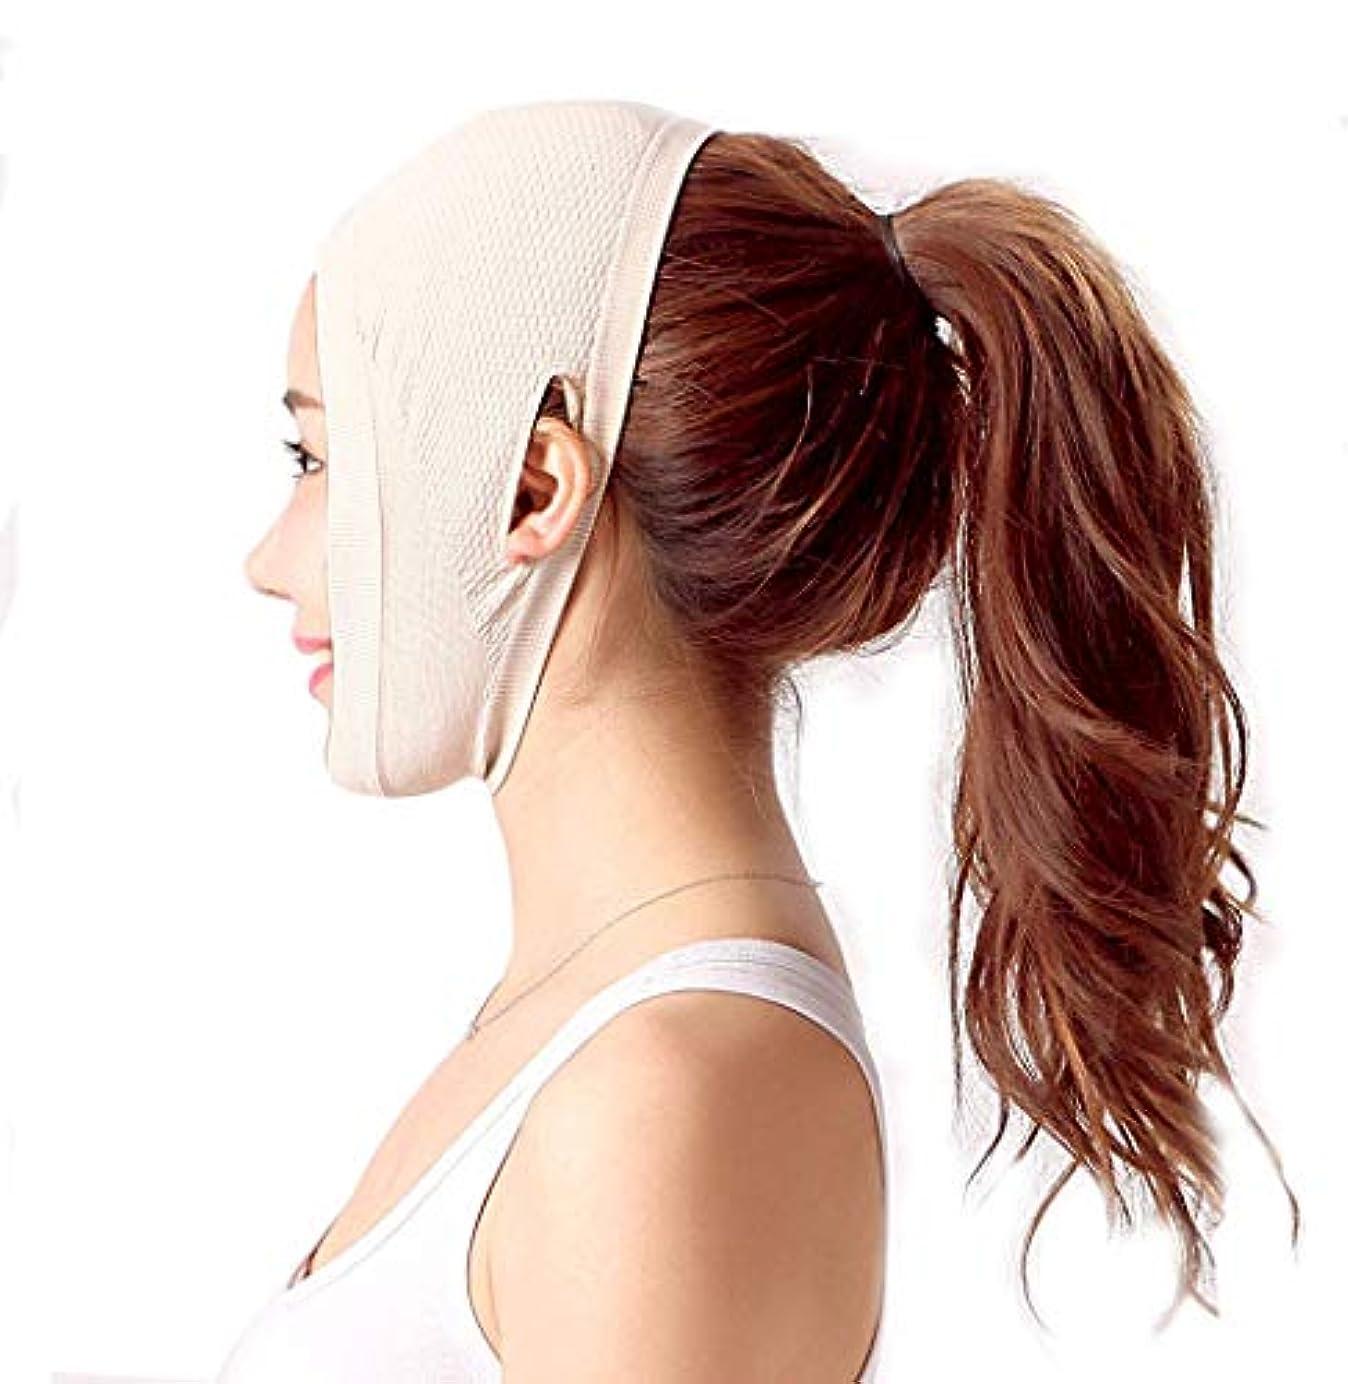 速い振る舞う勝利整形外科手術後の回復ヘッドギア医療マスク睡眠Vフェイスリフティング包帯薄いフェイスマスク(サイズ:肌の色(A)),肌の色調(A)